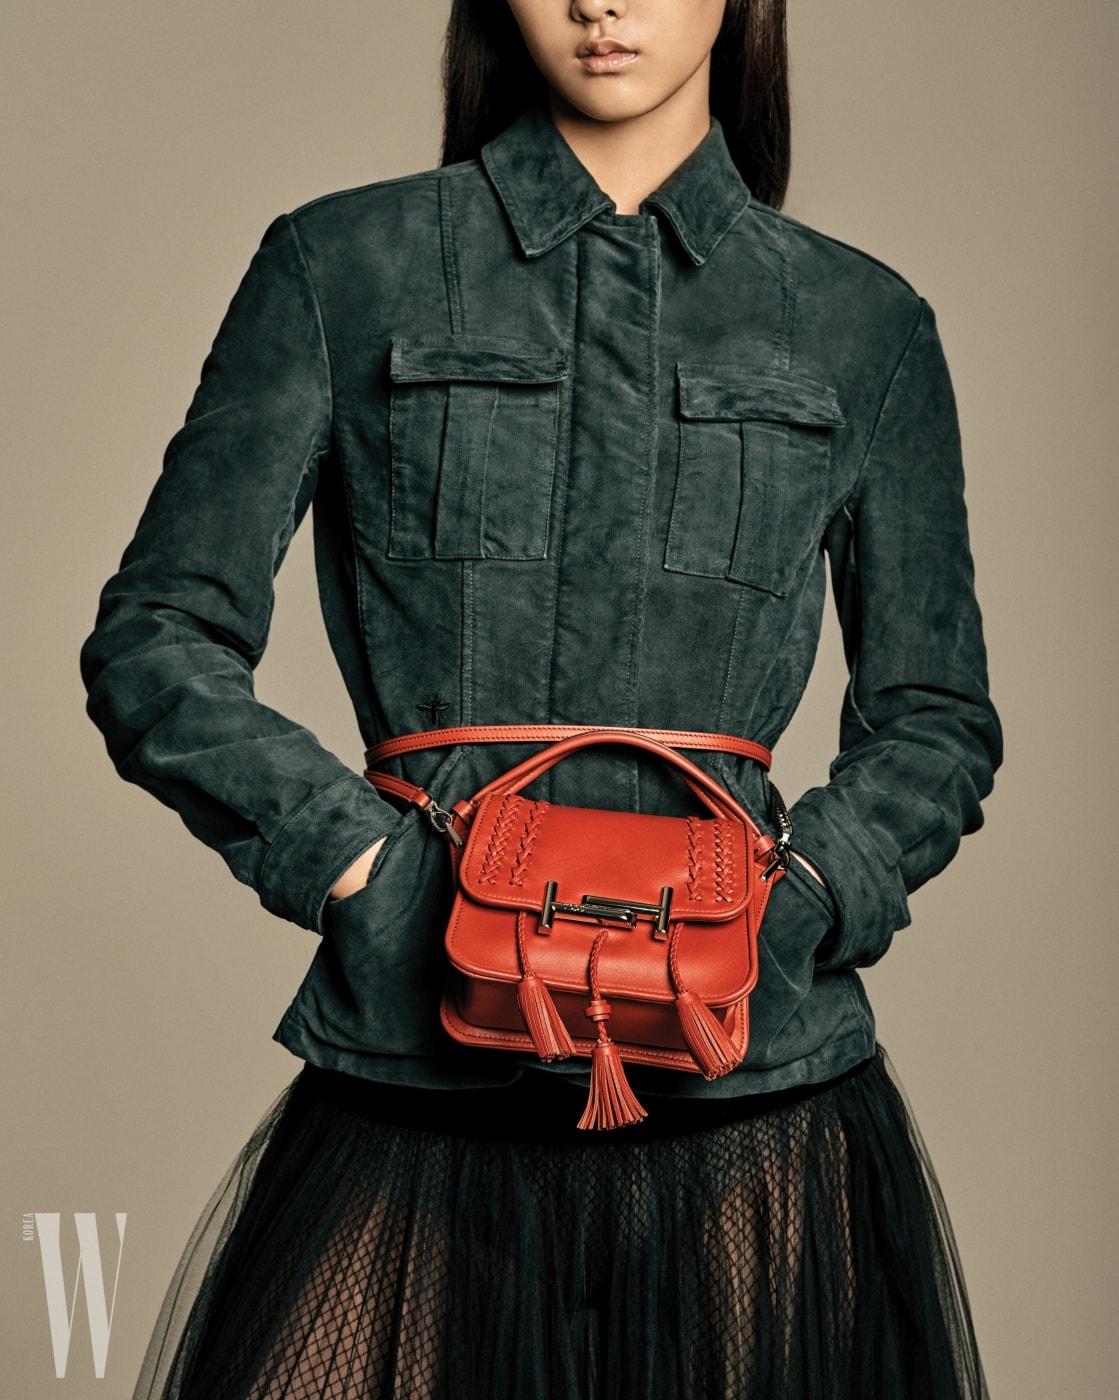 허리에 포인트로 착용한 태슬 장식 미니 백은 토즈 제품. 가격미정. 검은색 데님 재킷, 풍성한 샤 스커트는 디올 제품. 가격 미정.